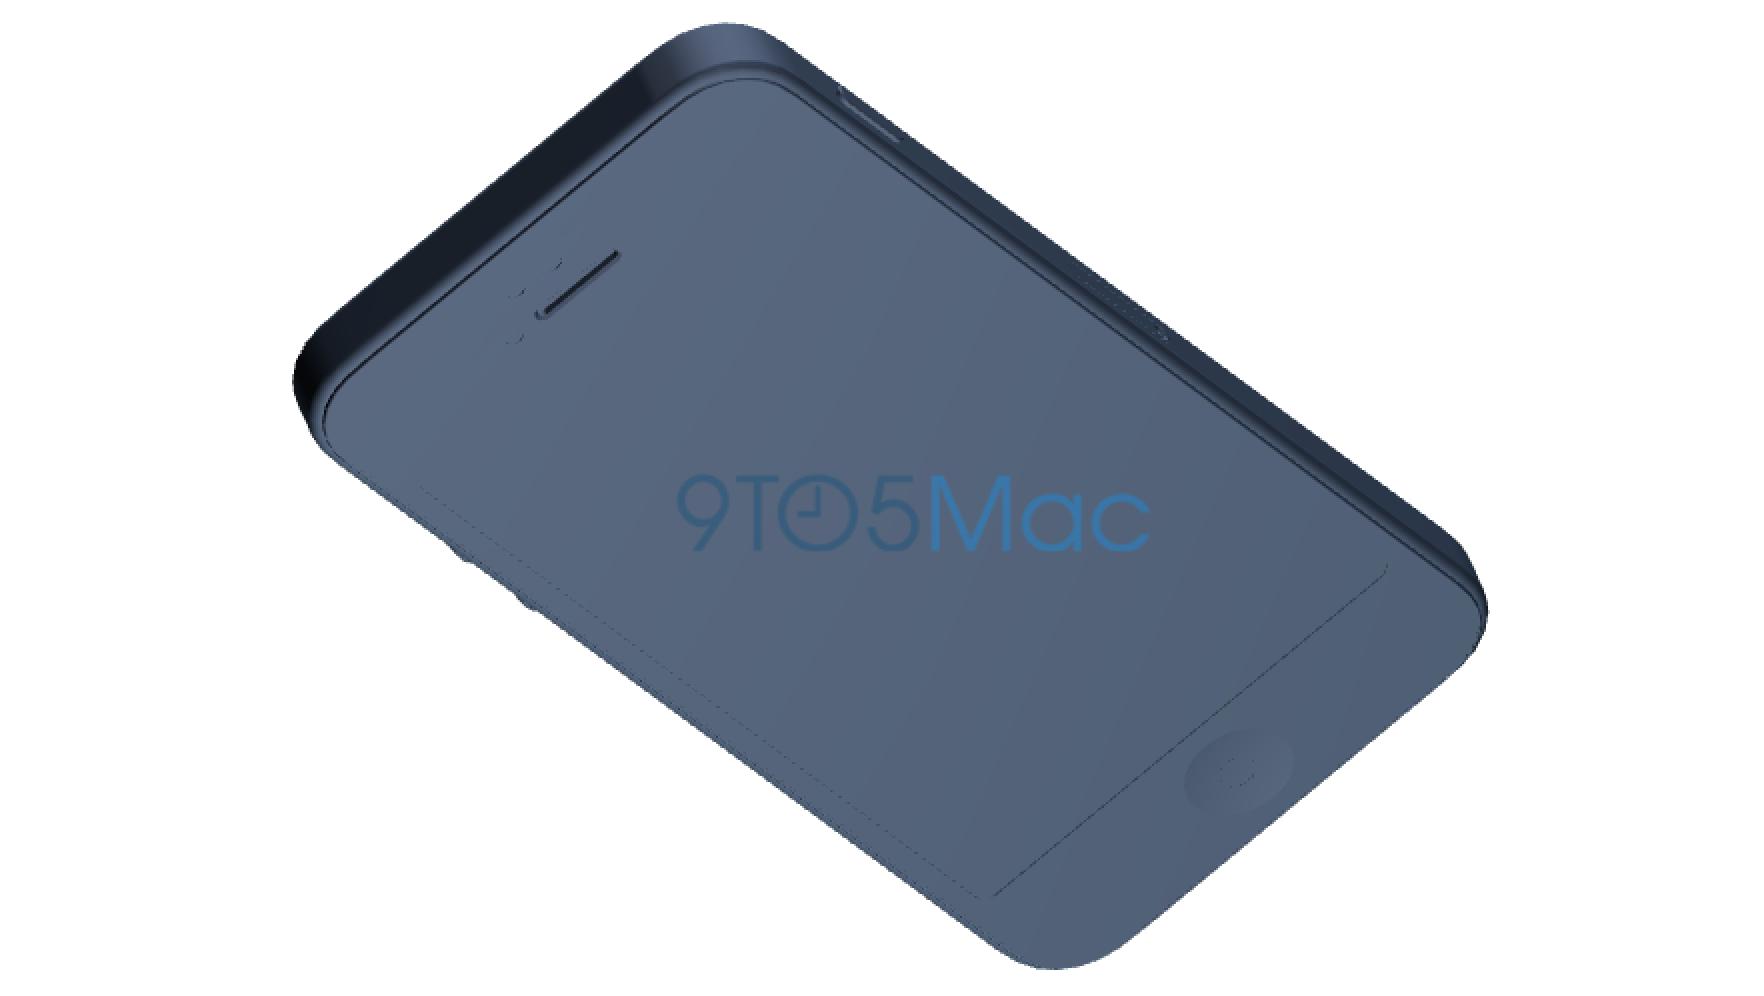 iphone5se Le supposé design du nouvel iPhone de 4 pouces